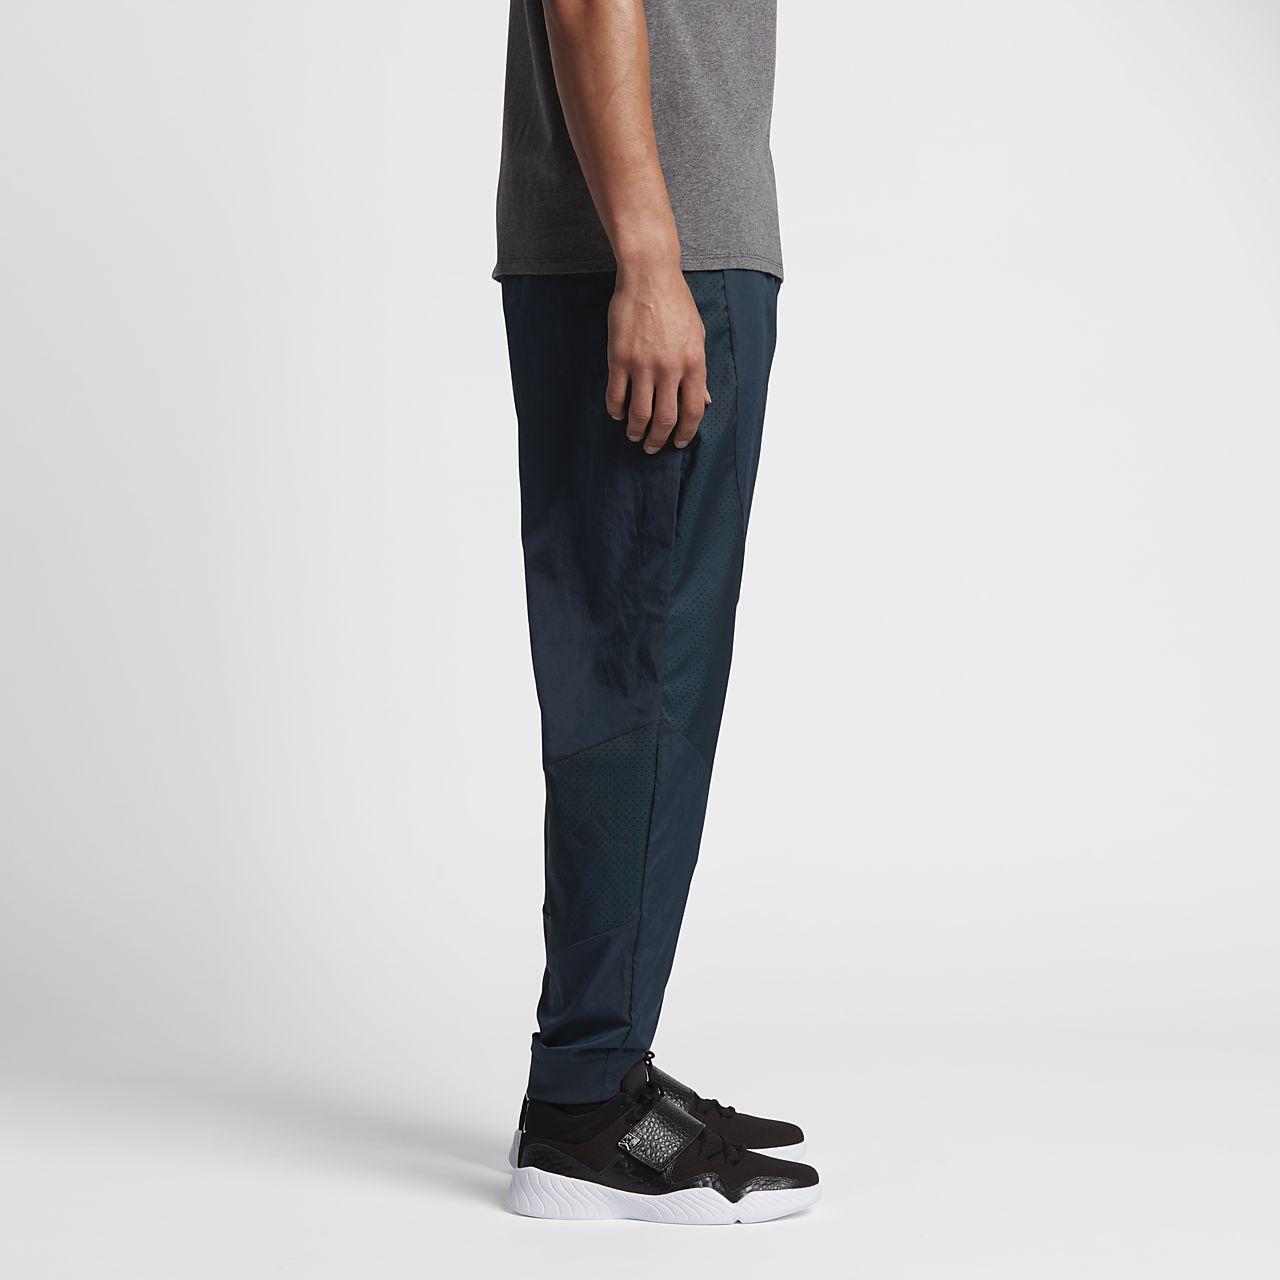 pantaloni air jordan